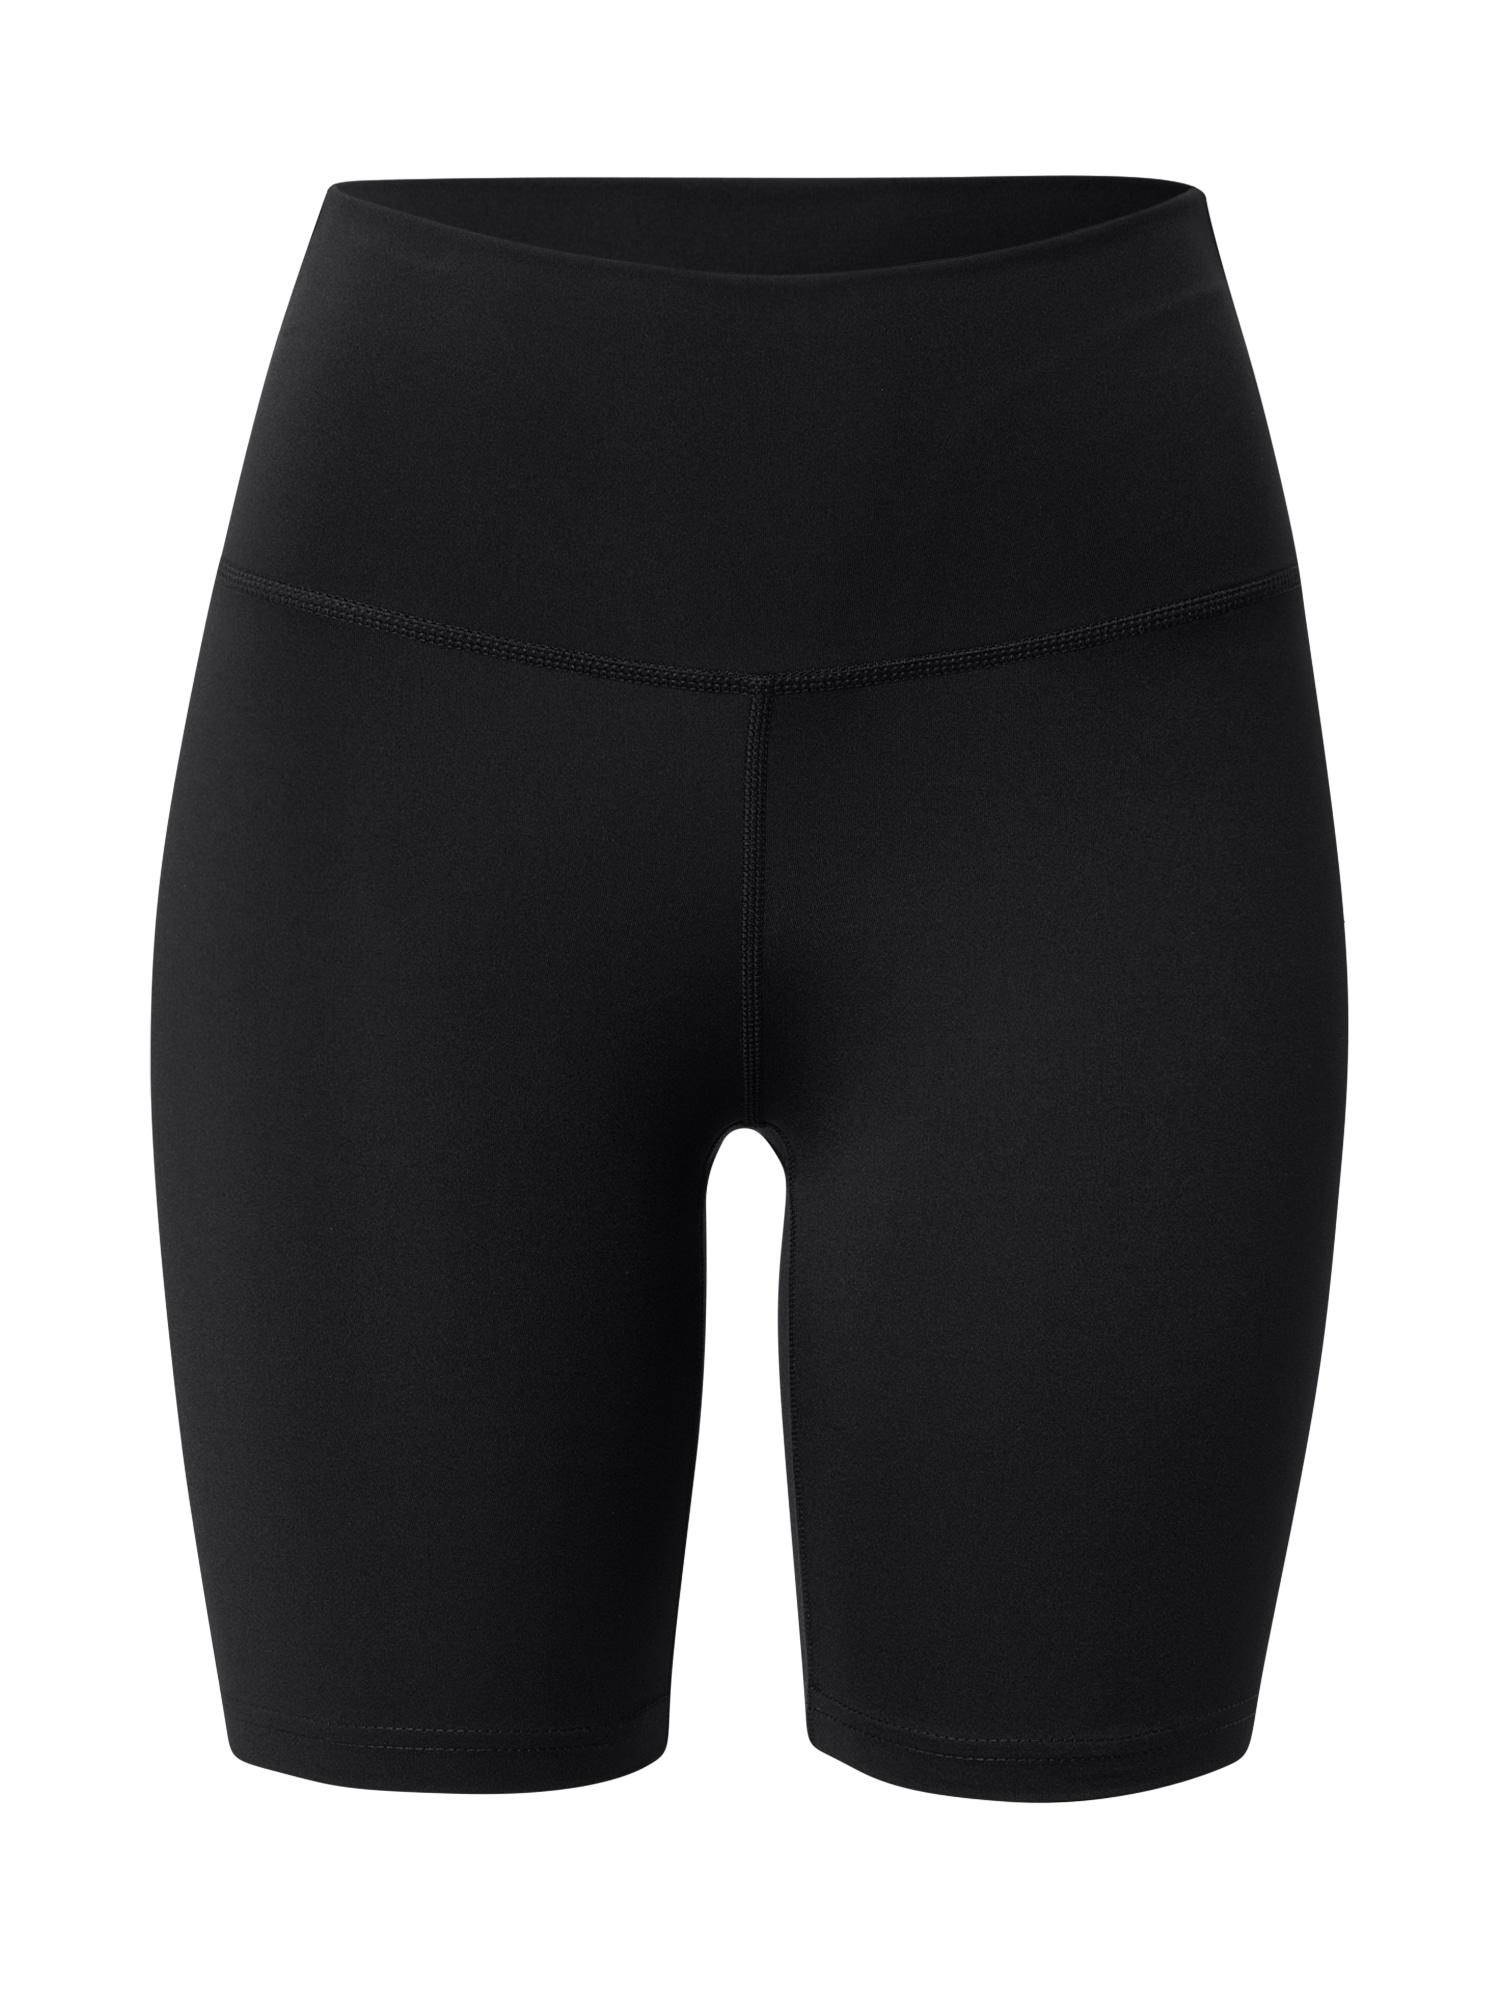 Athlecia Sportinės kelnės